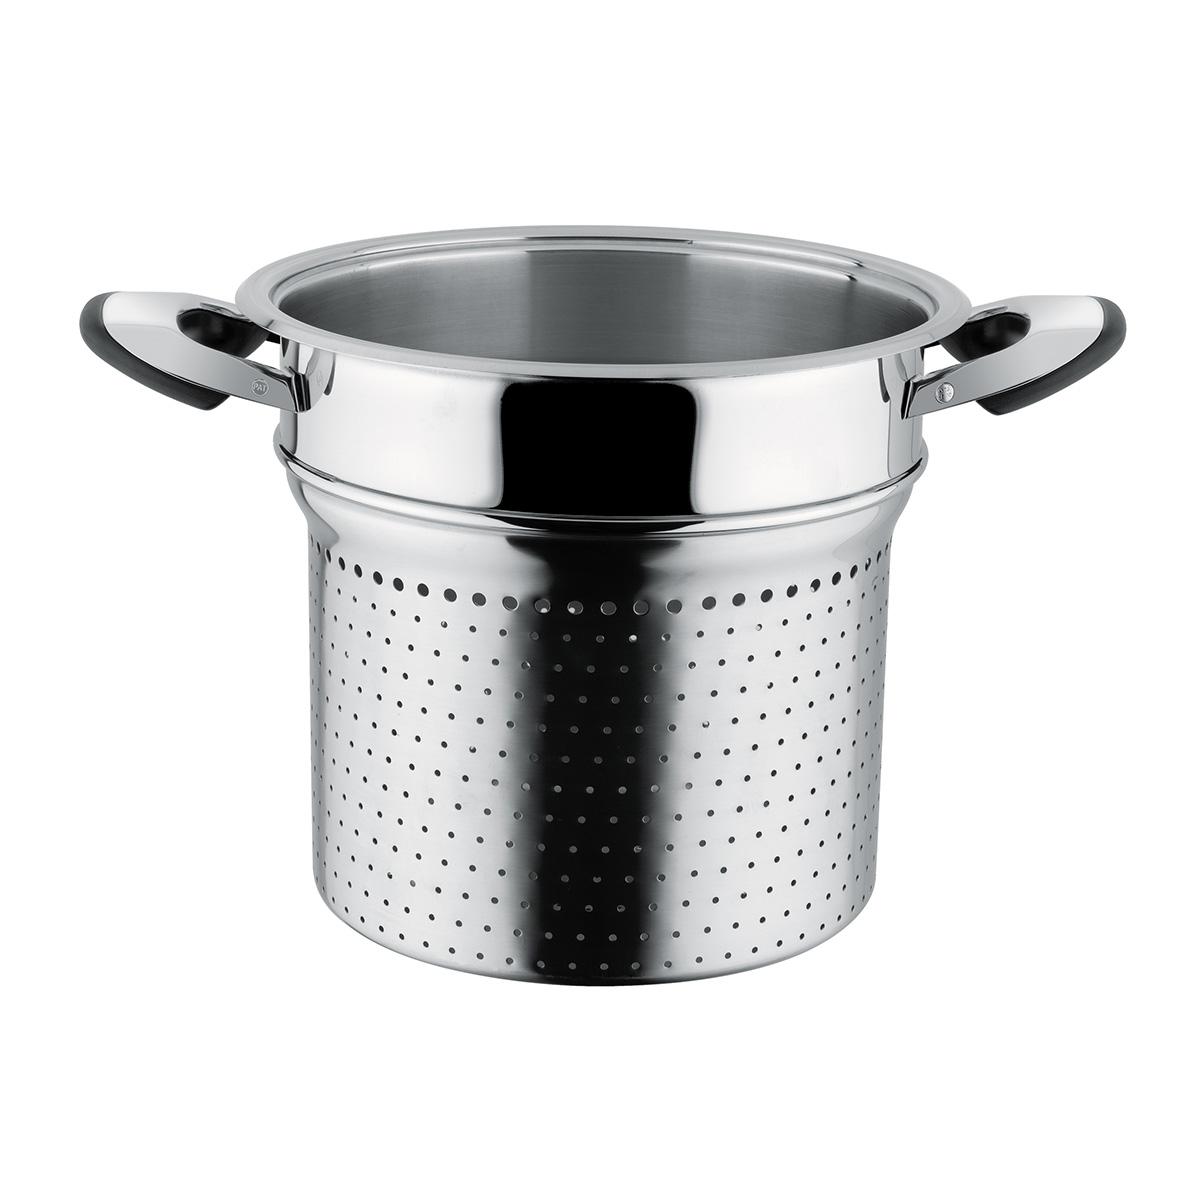 Produzione spaghetti strainer unit in acciaio inox